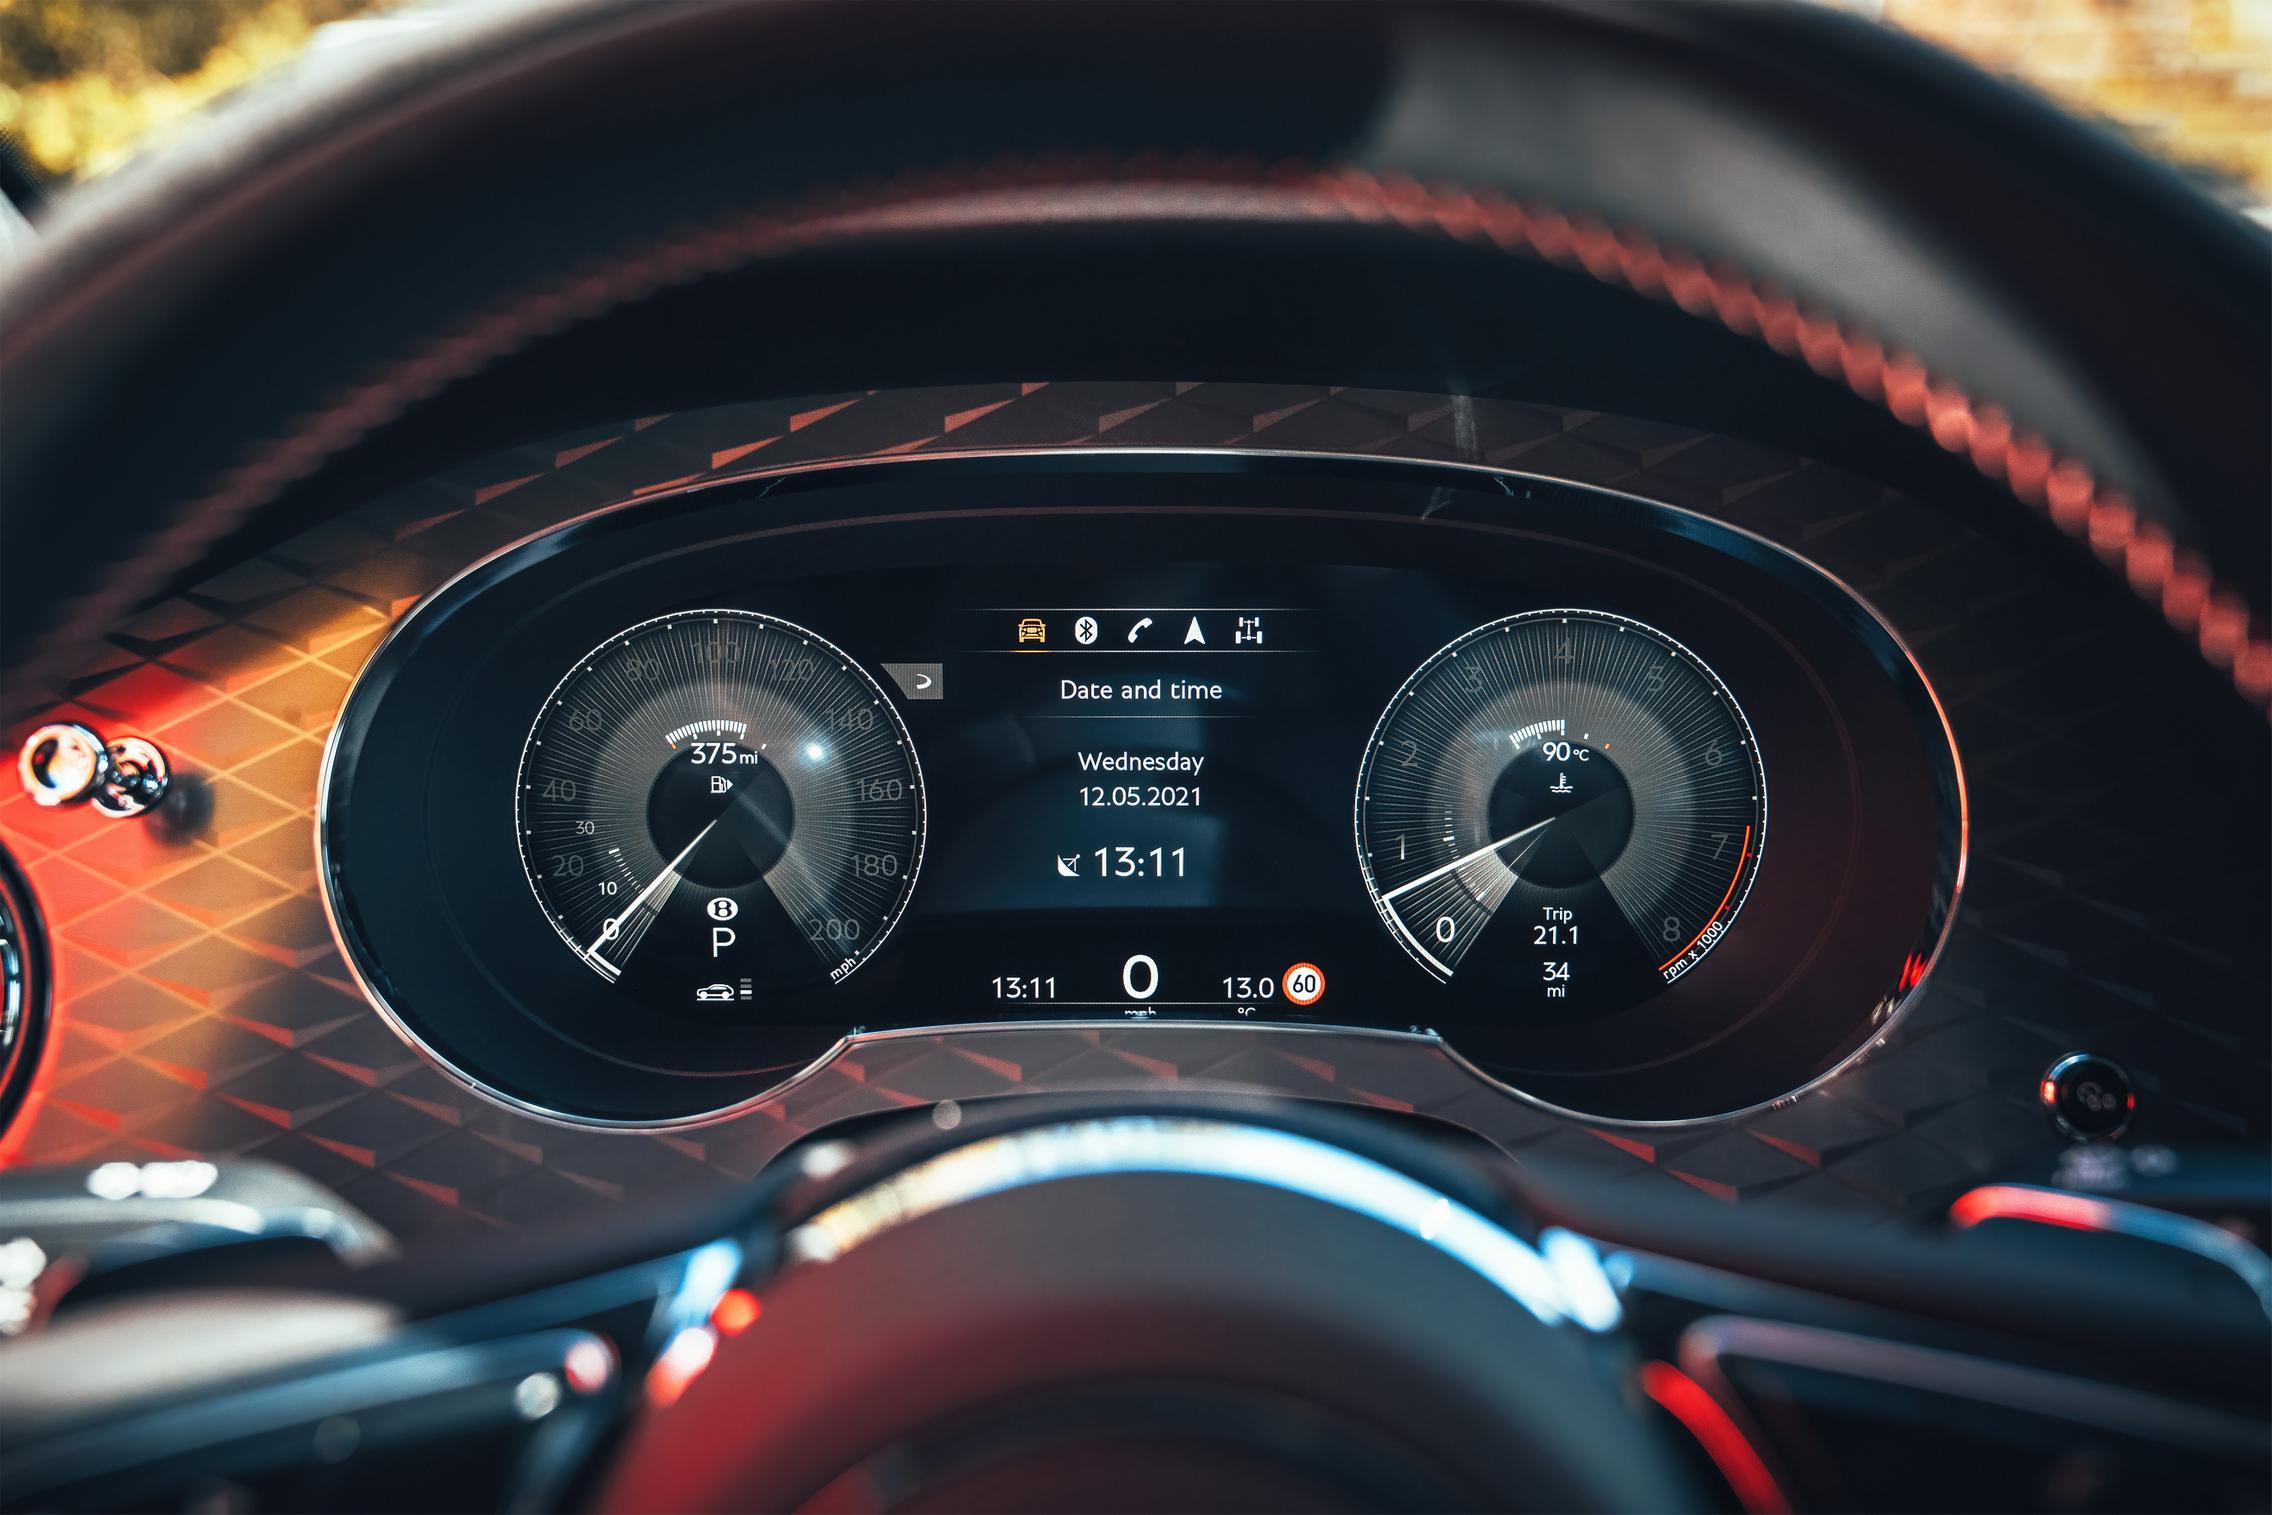 2021 Bentley Bentayga S speedo